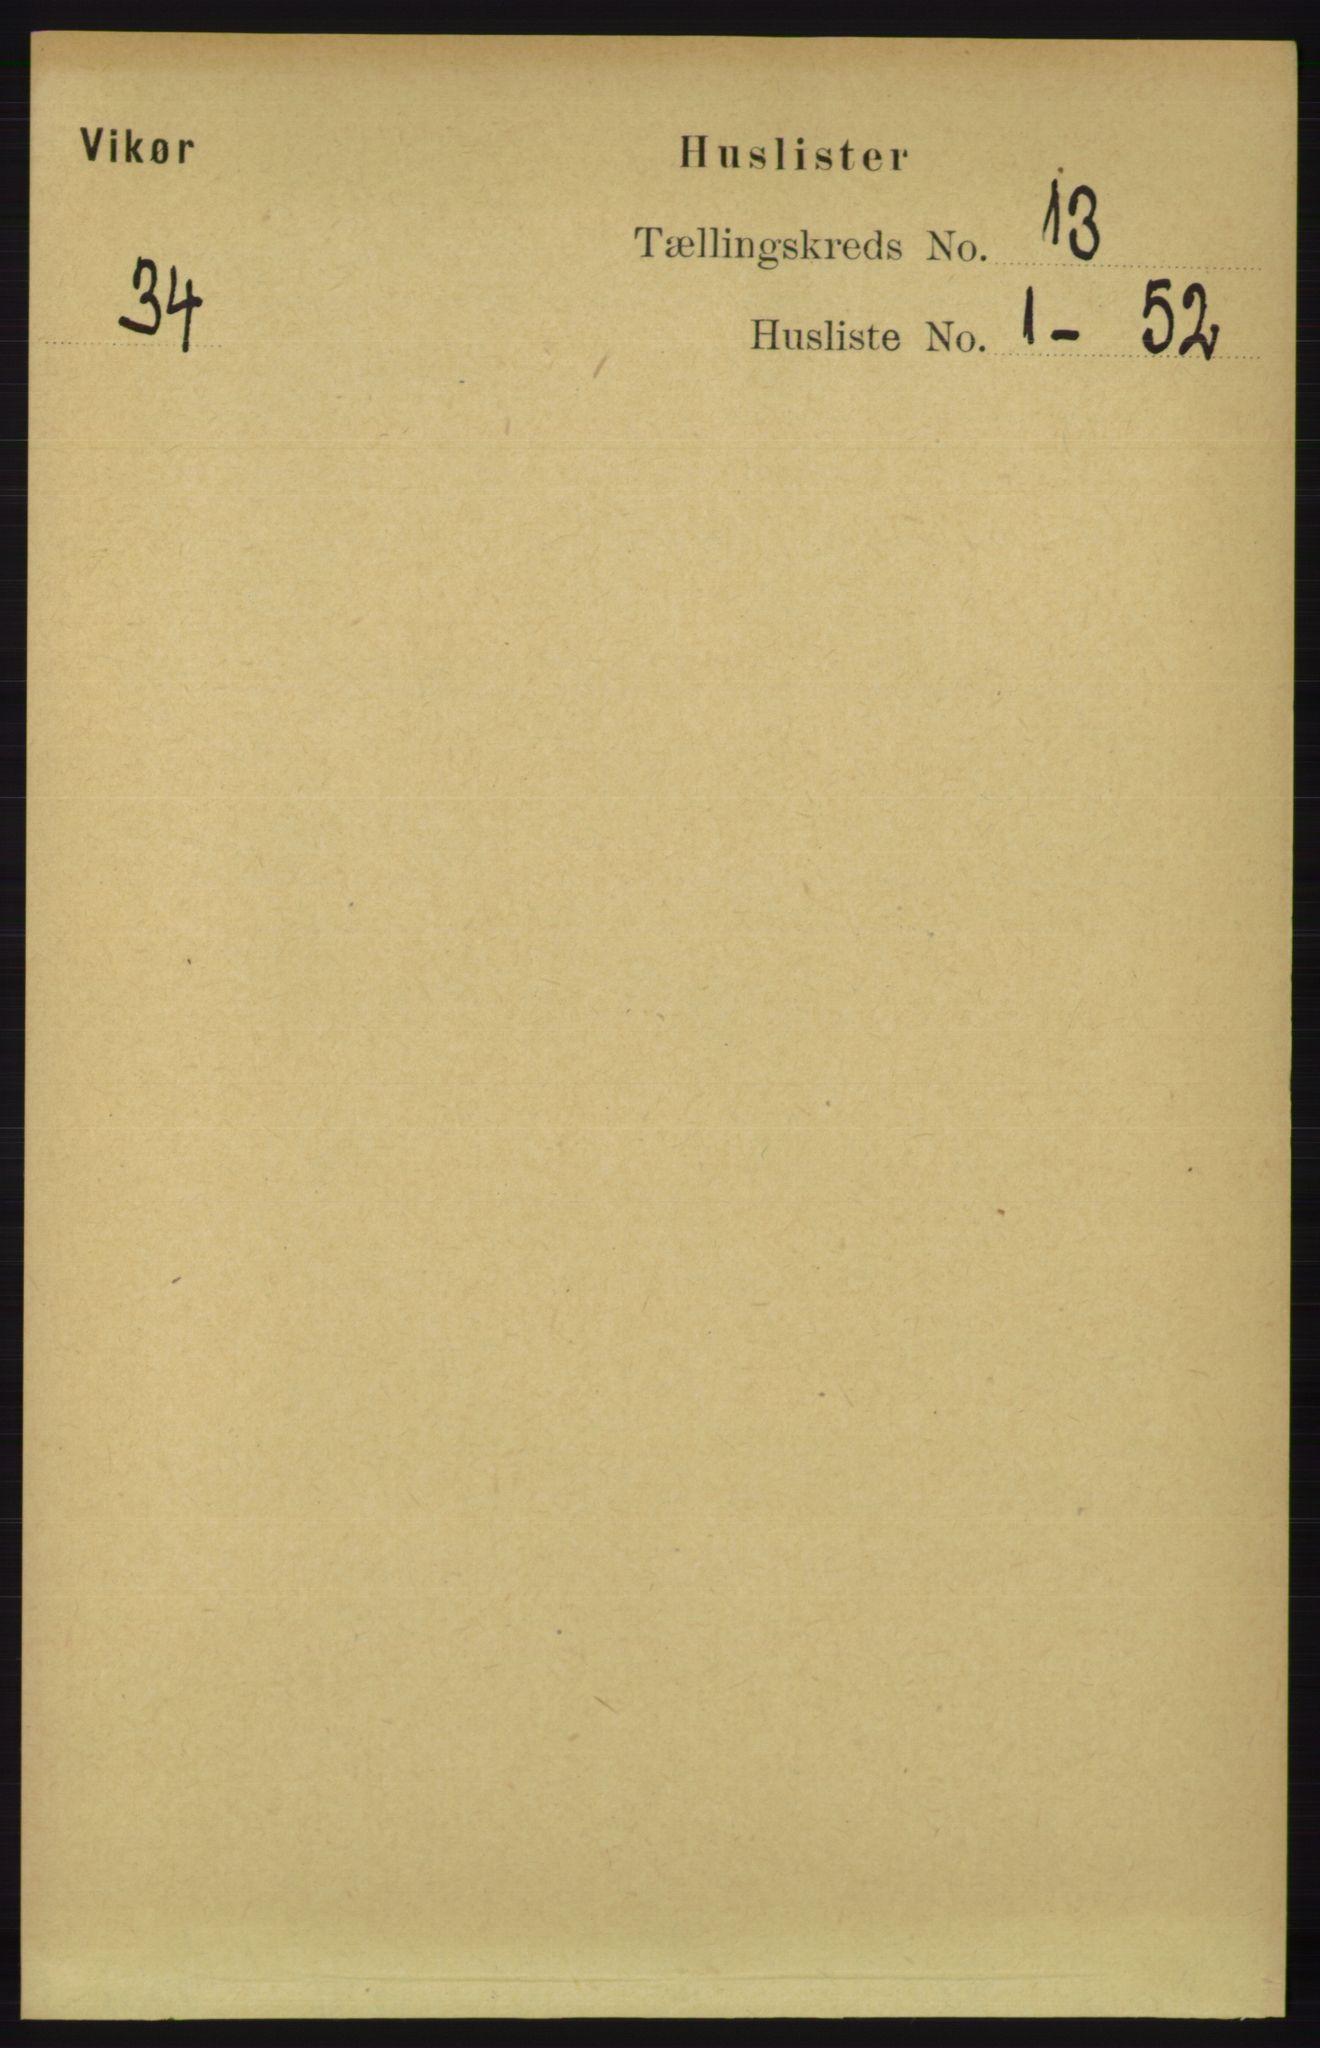 RA, Folketelling 1891 for 1238 Vikør herred, 1891, s. 3561